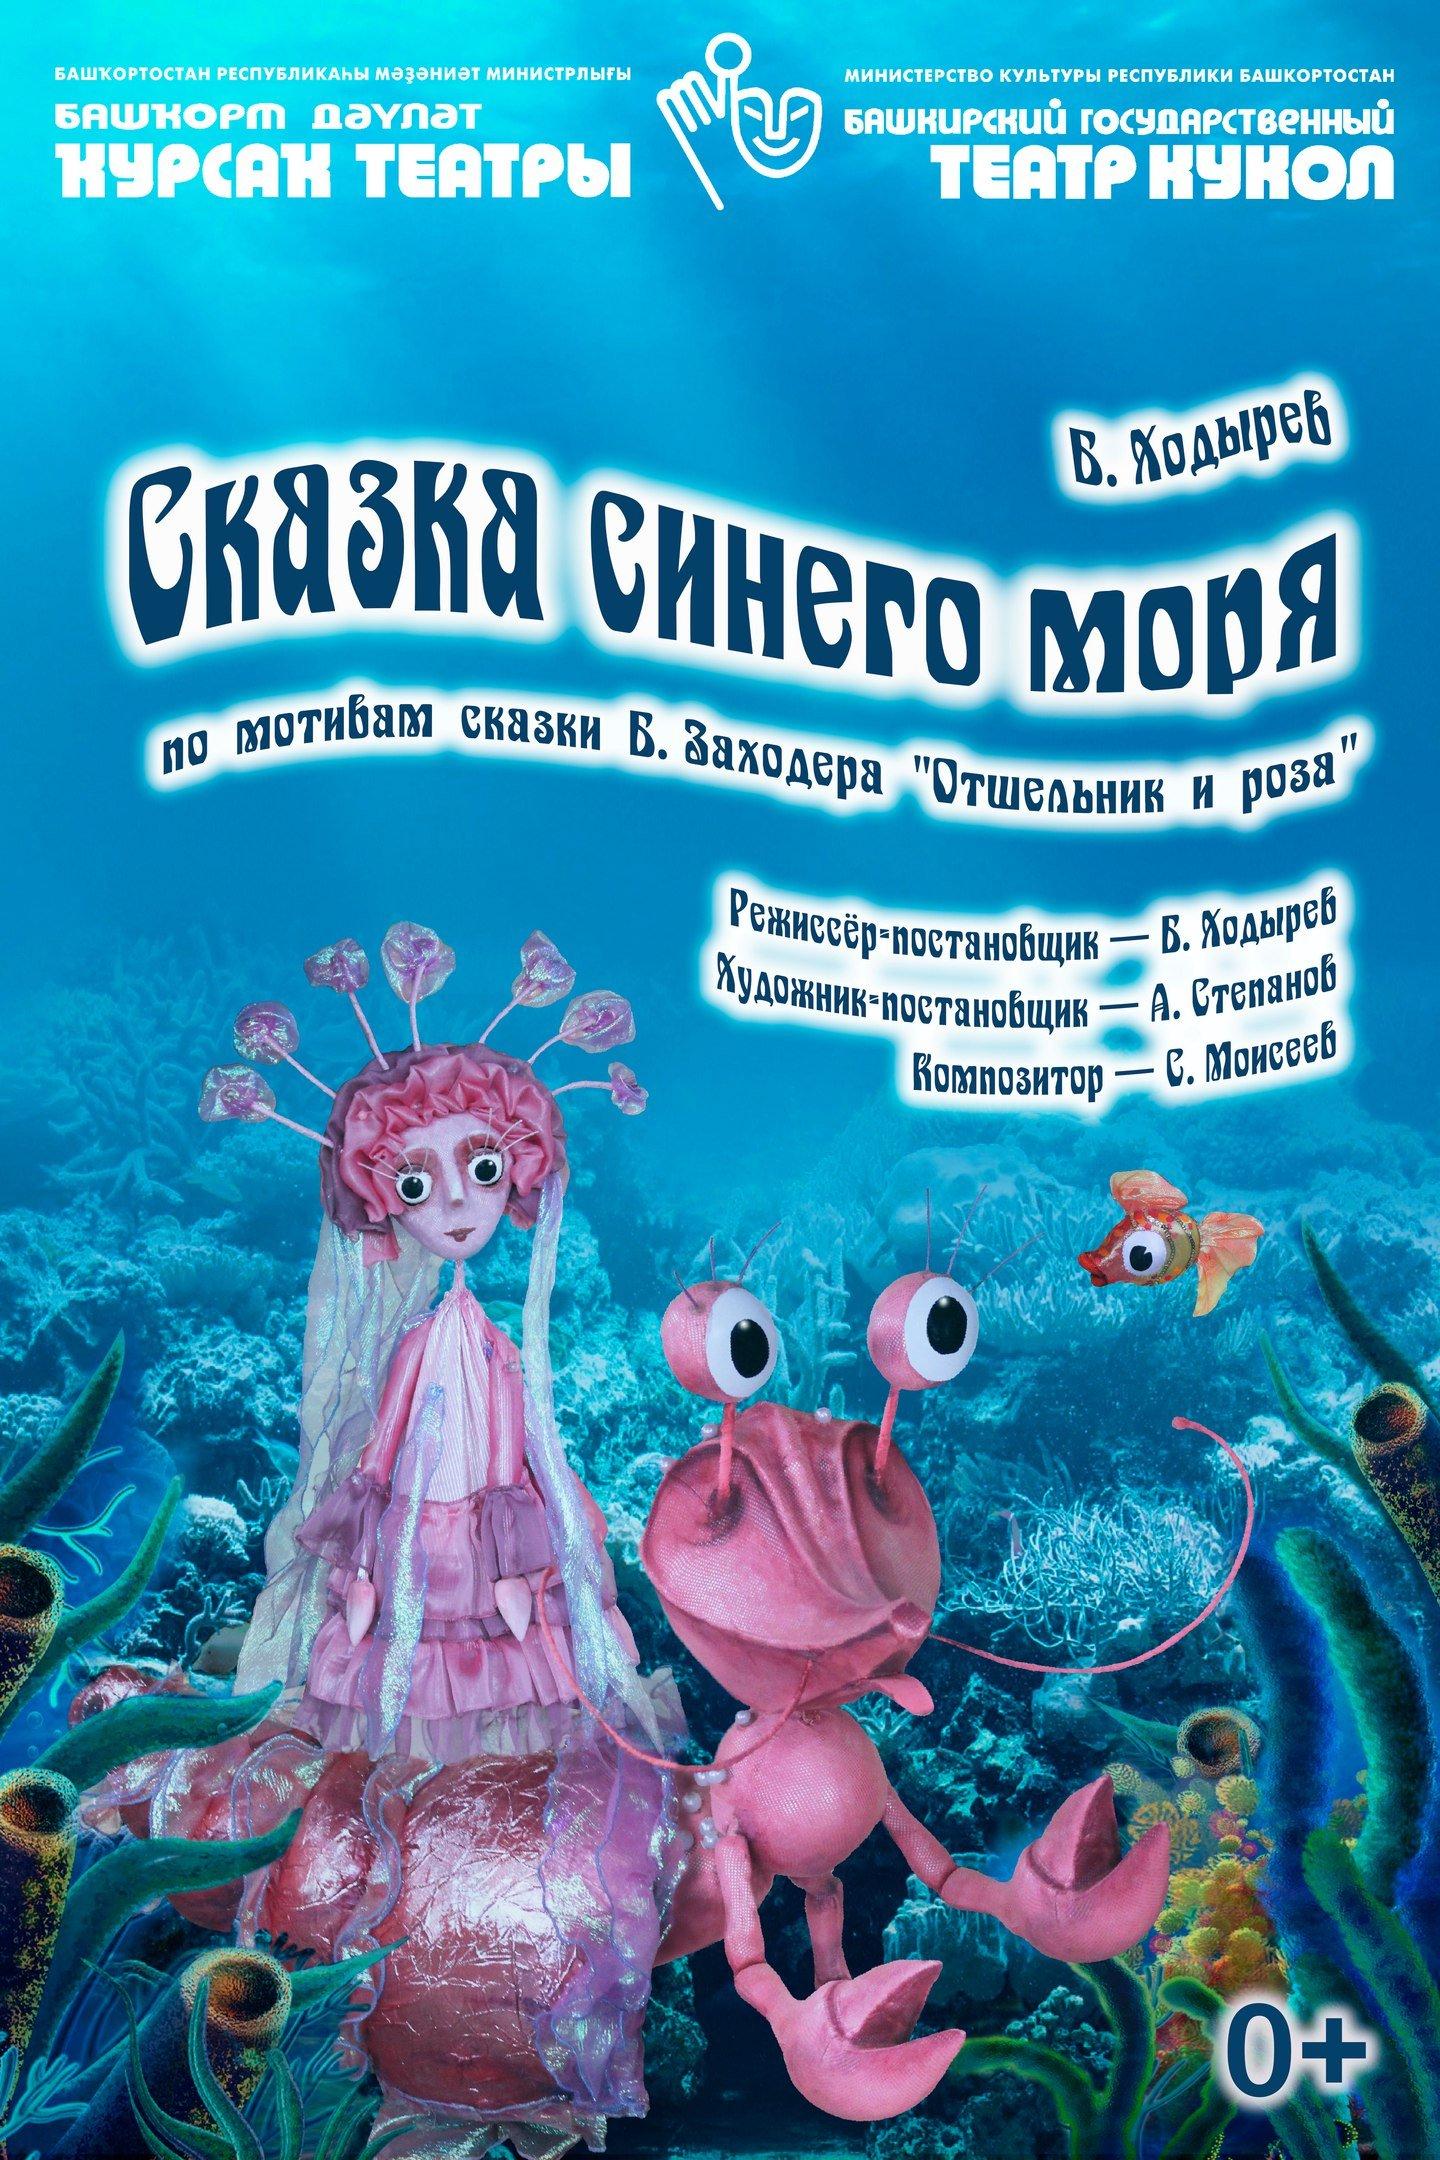 Спектакль втеатре кукол «Сказка синего моря»